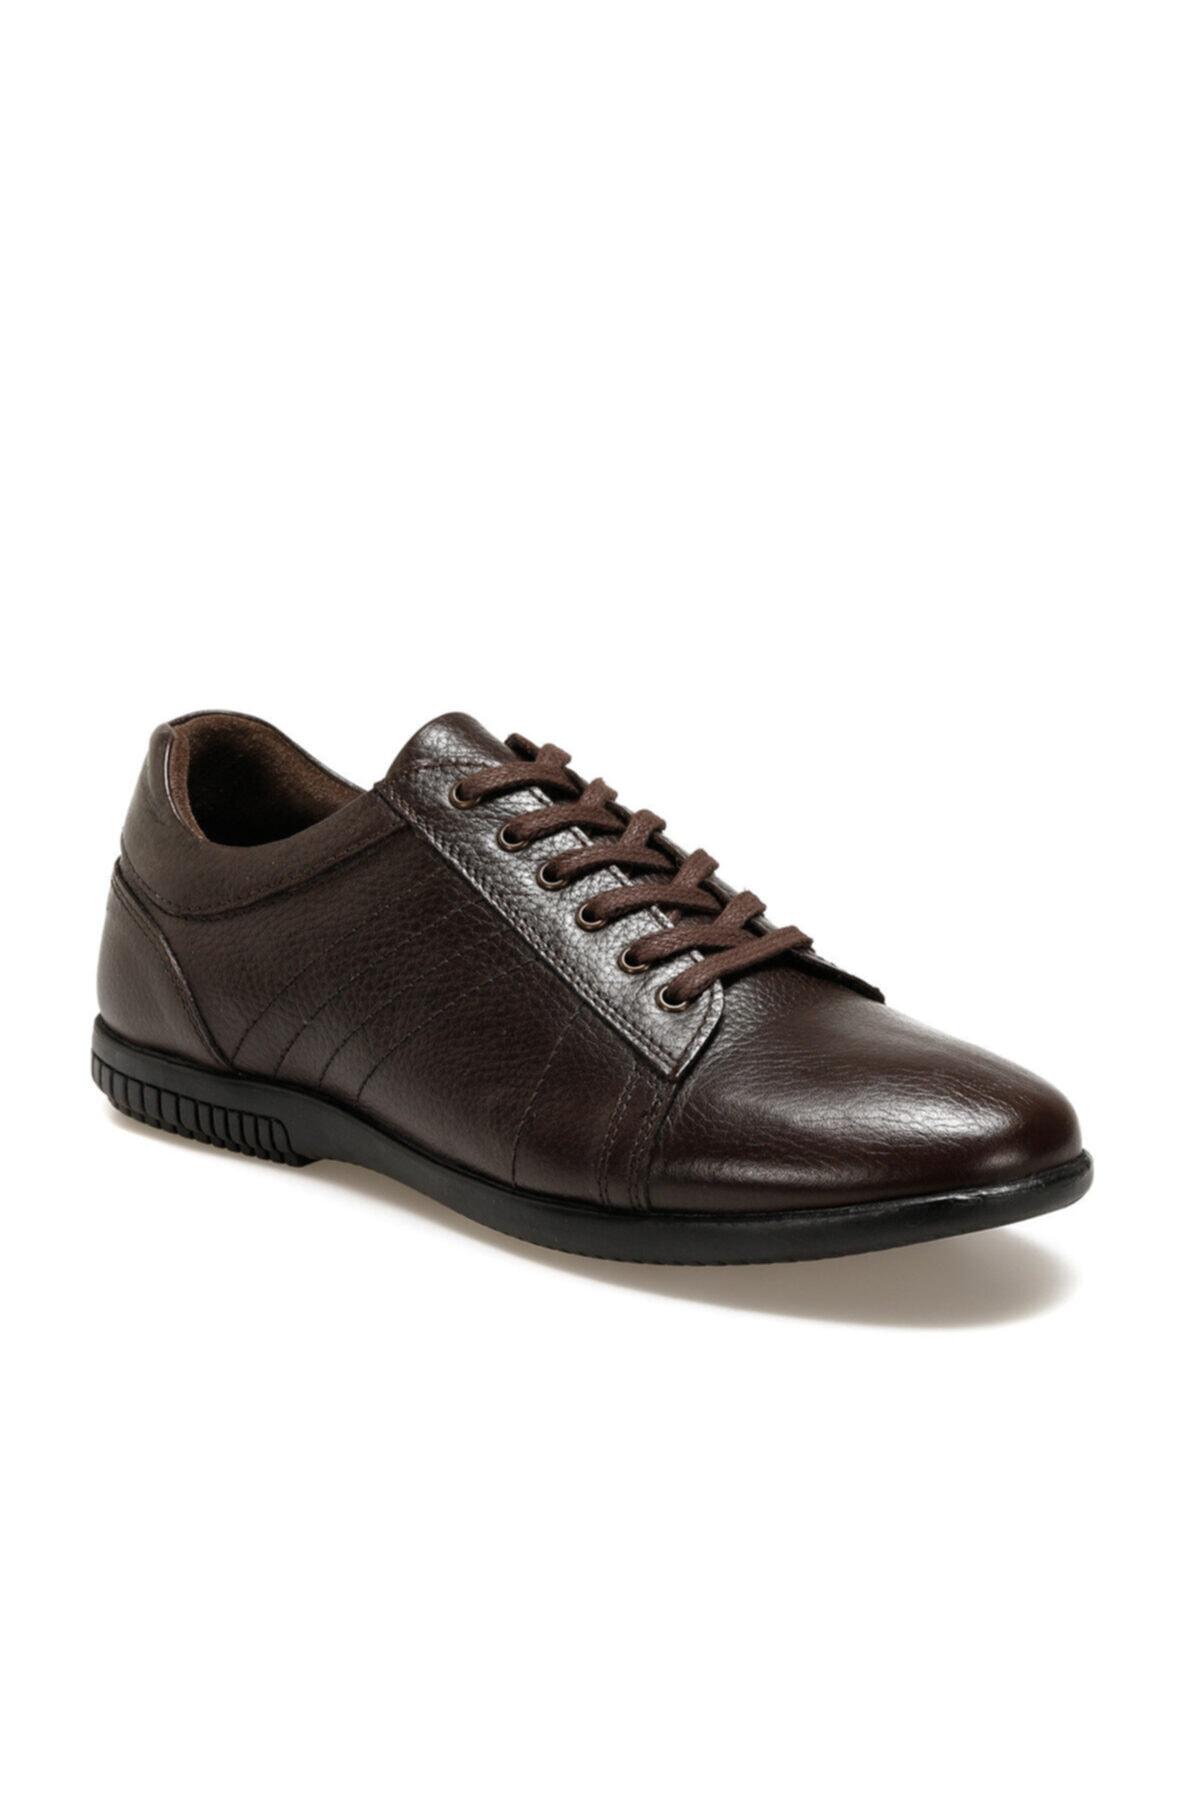 OXIDE 1403 M Kahverengi Erkek Casual Ayakkabı 1